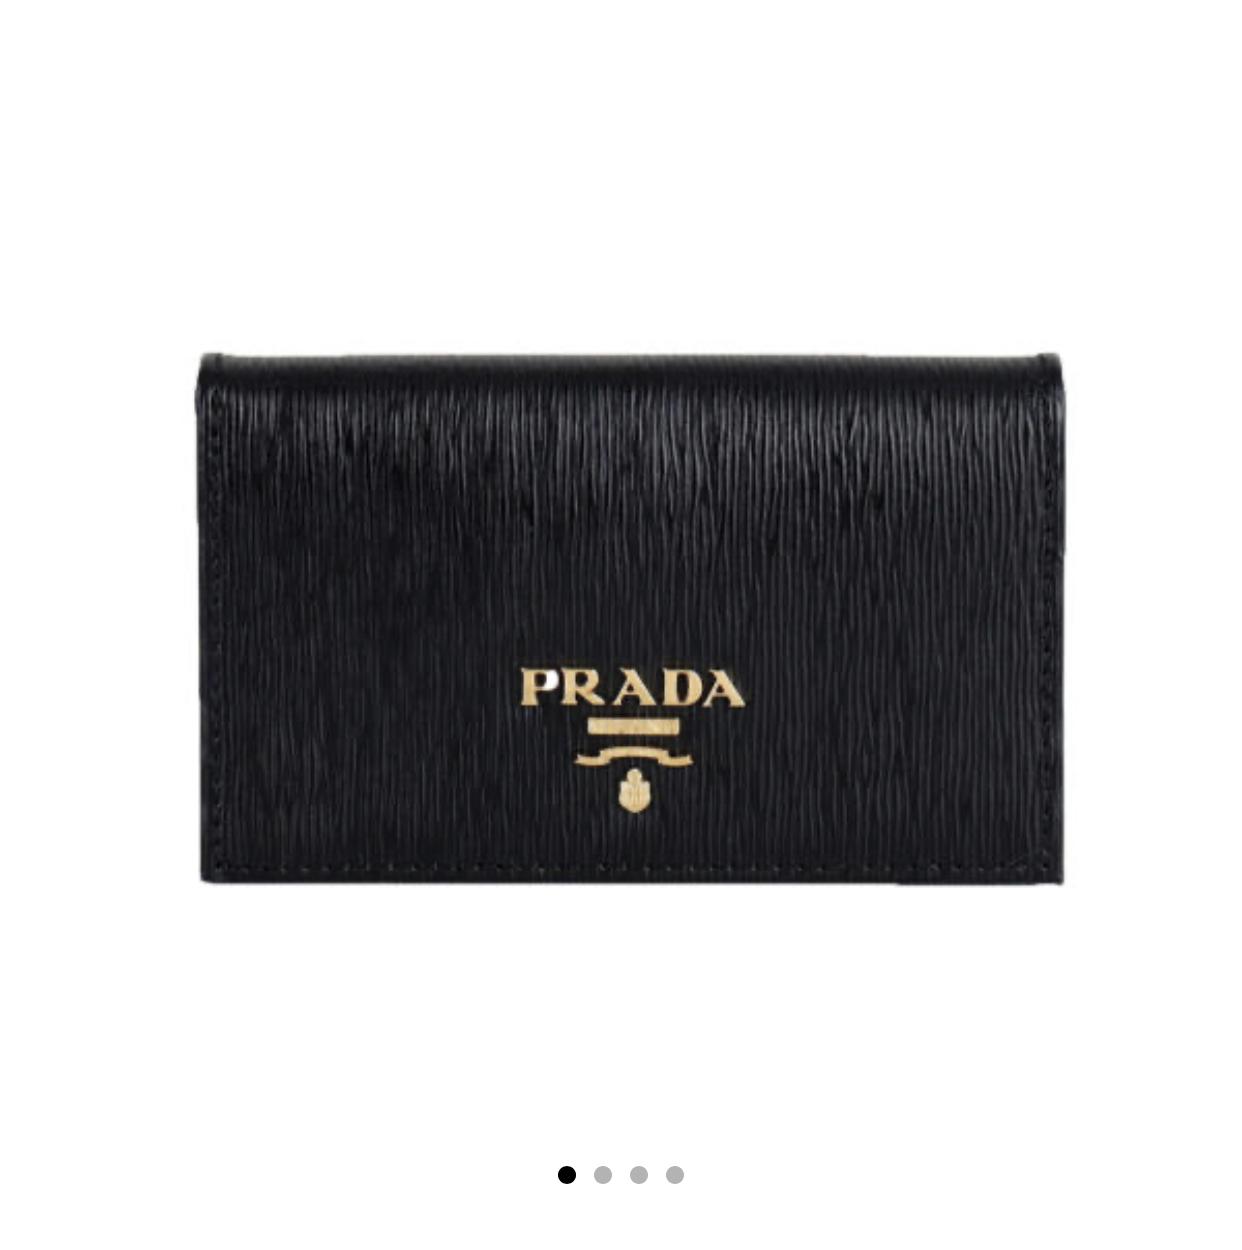 친구 선물로 프라다 카드지갑 사주려고 하는데 디자인 무난하지?   인스티즈